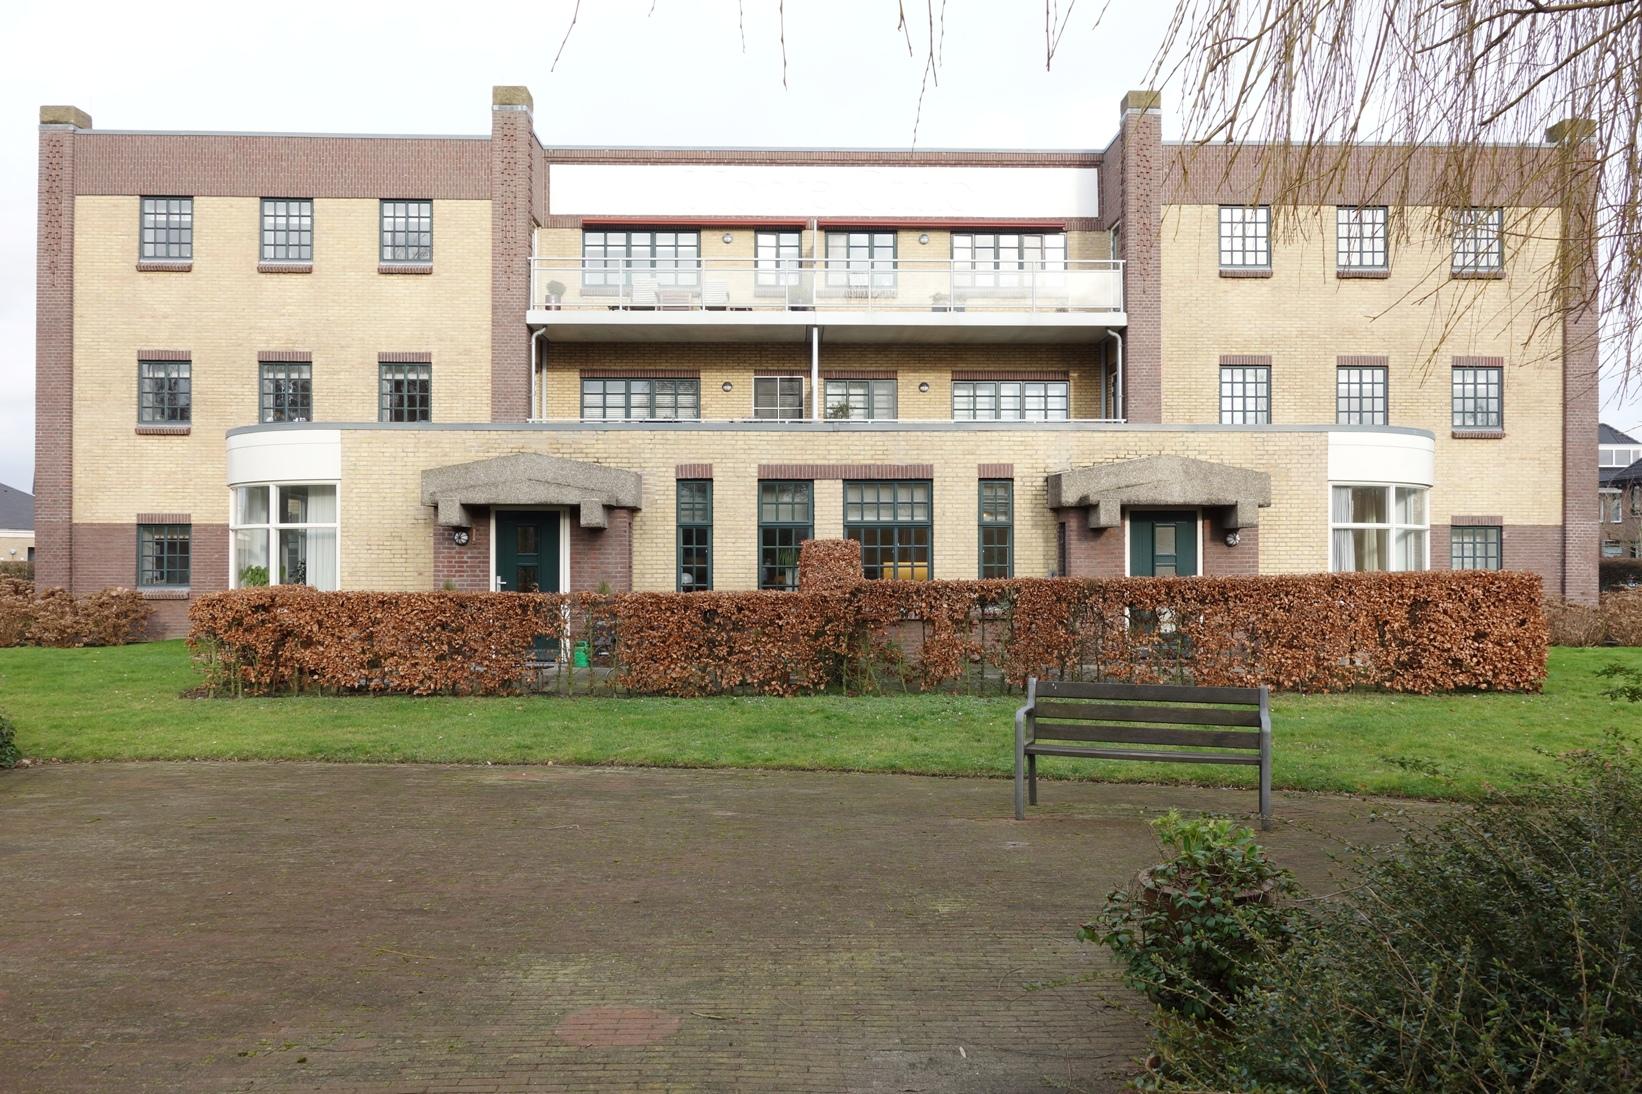 Papendrechtlaan, Sassenheim